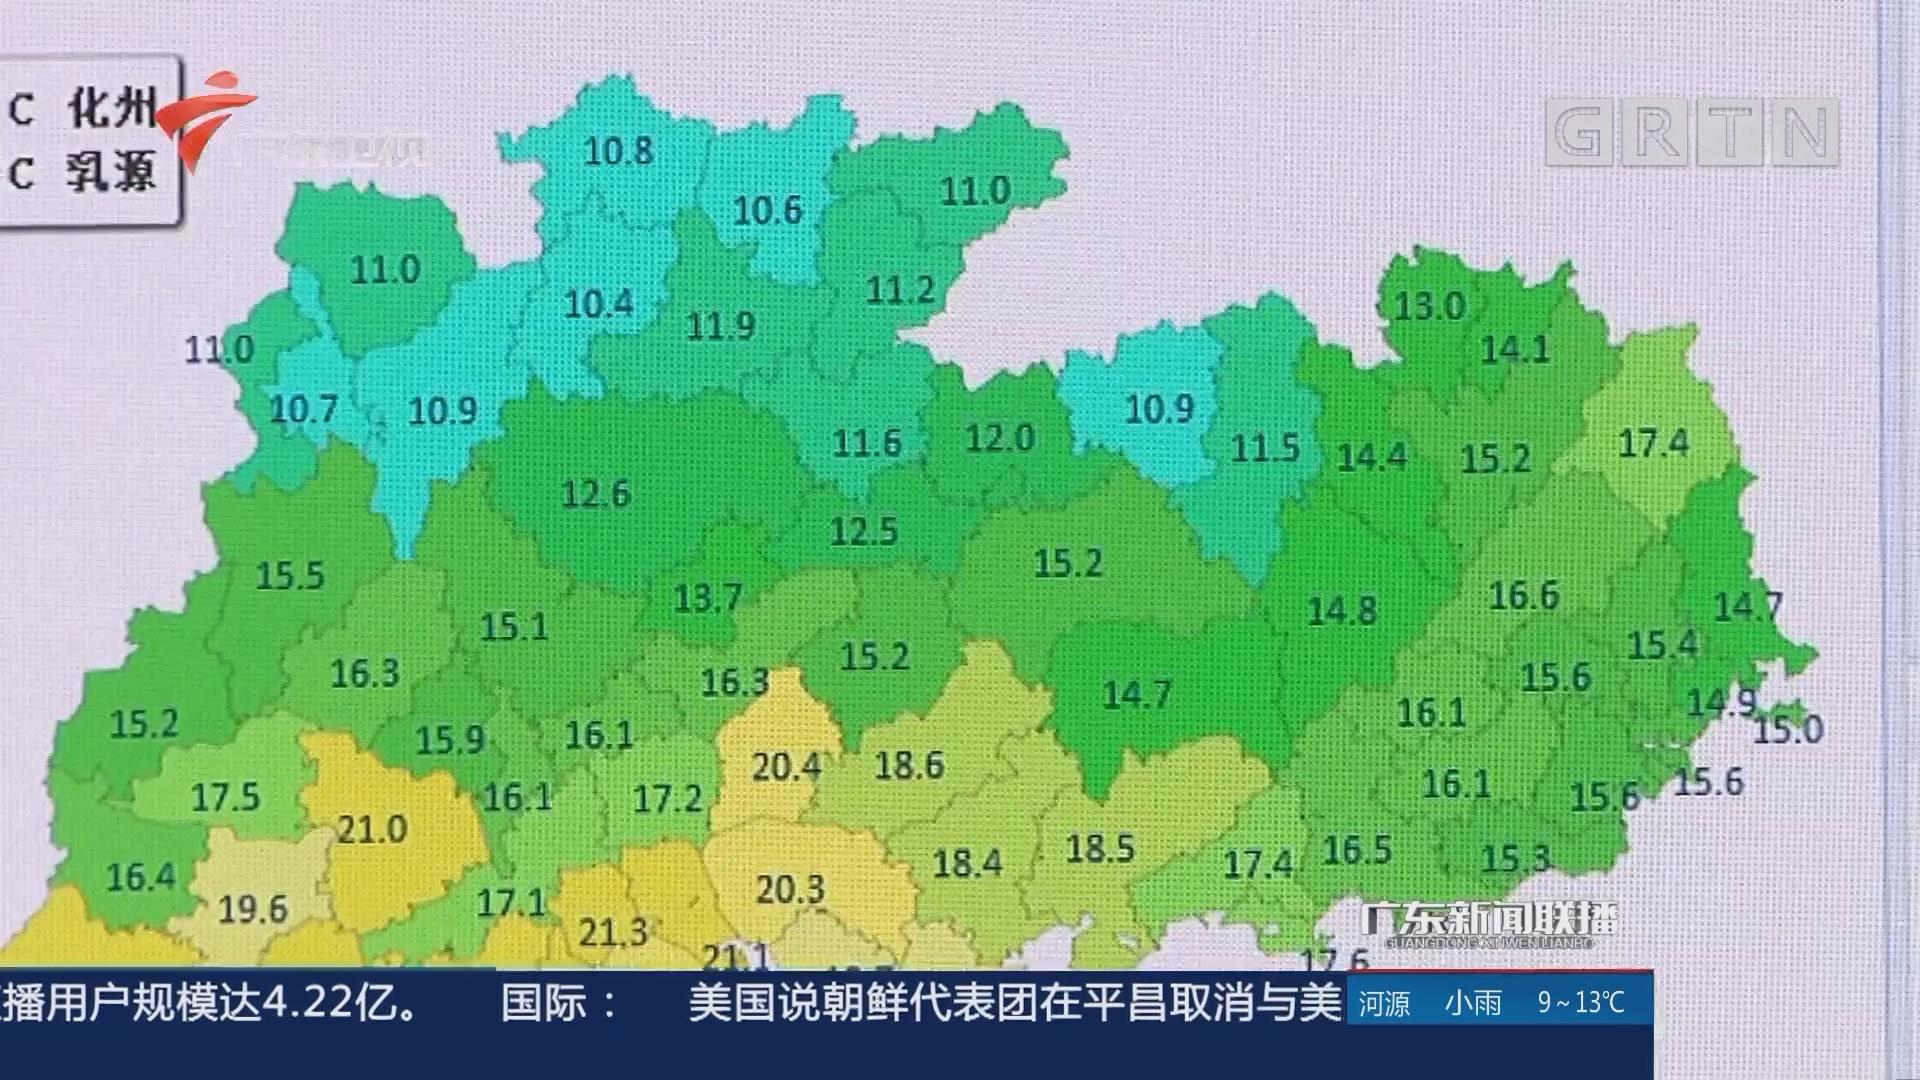 强冷空气影响广东大部 今明两天气温大幅下降